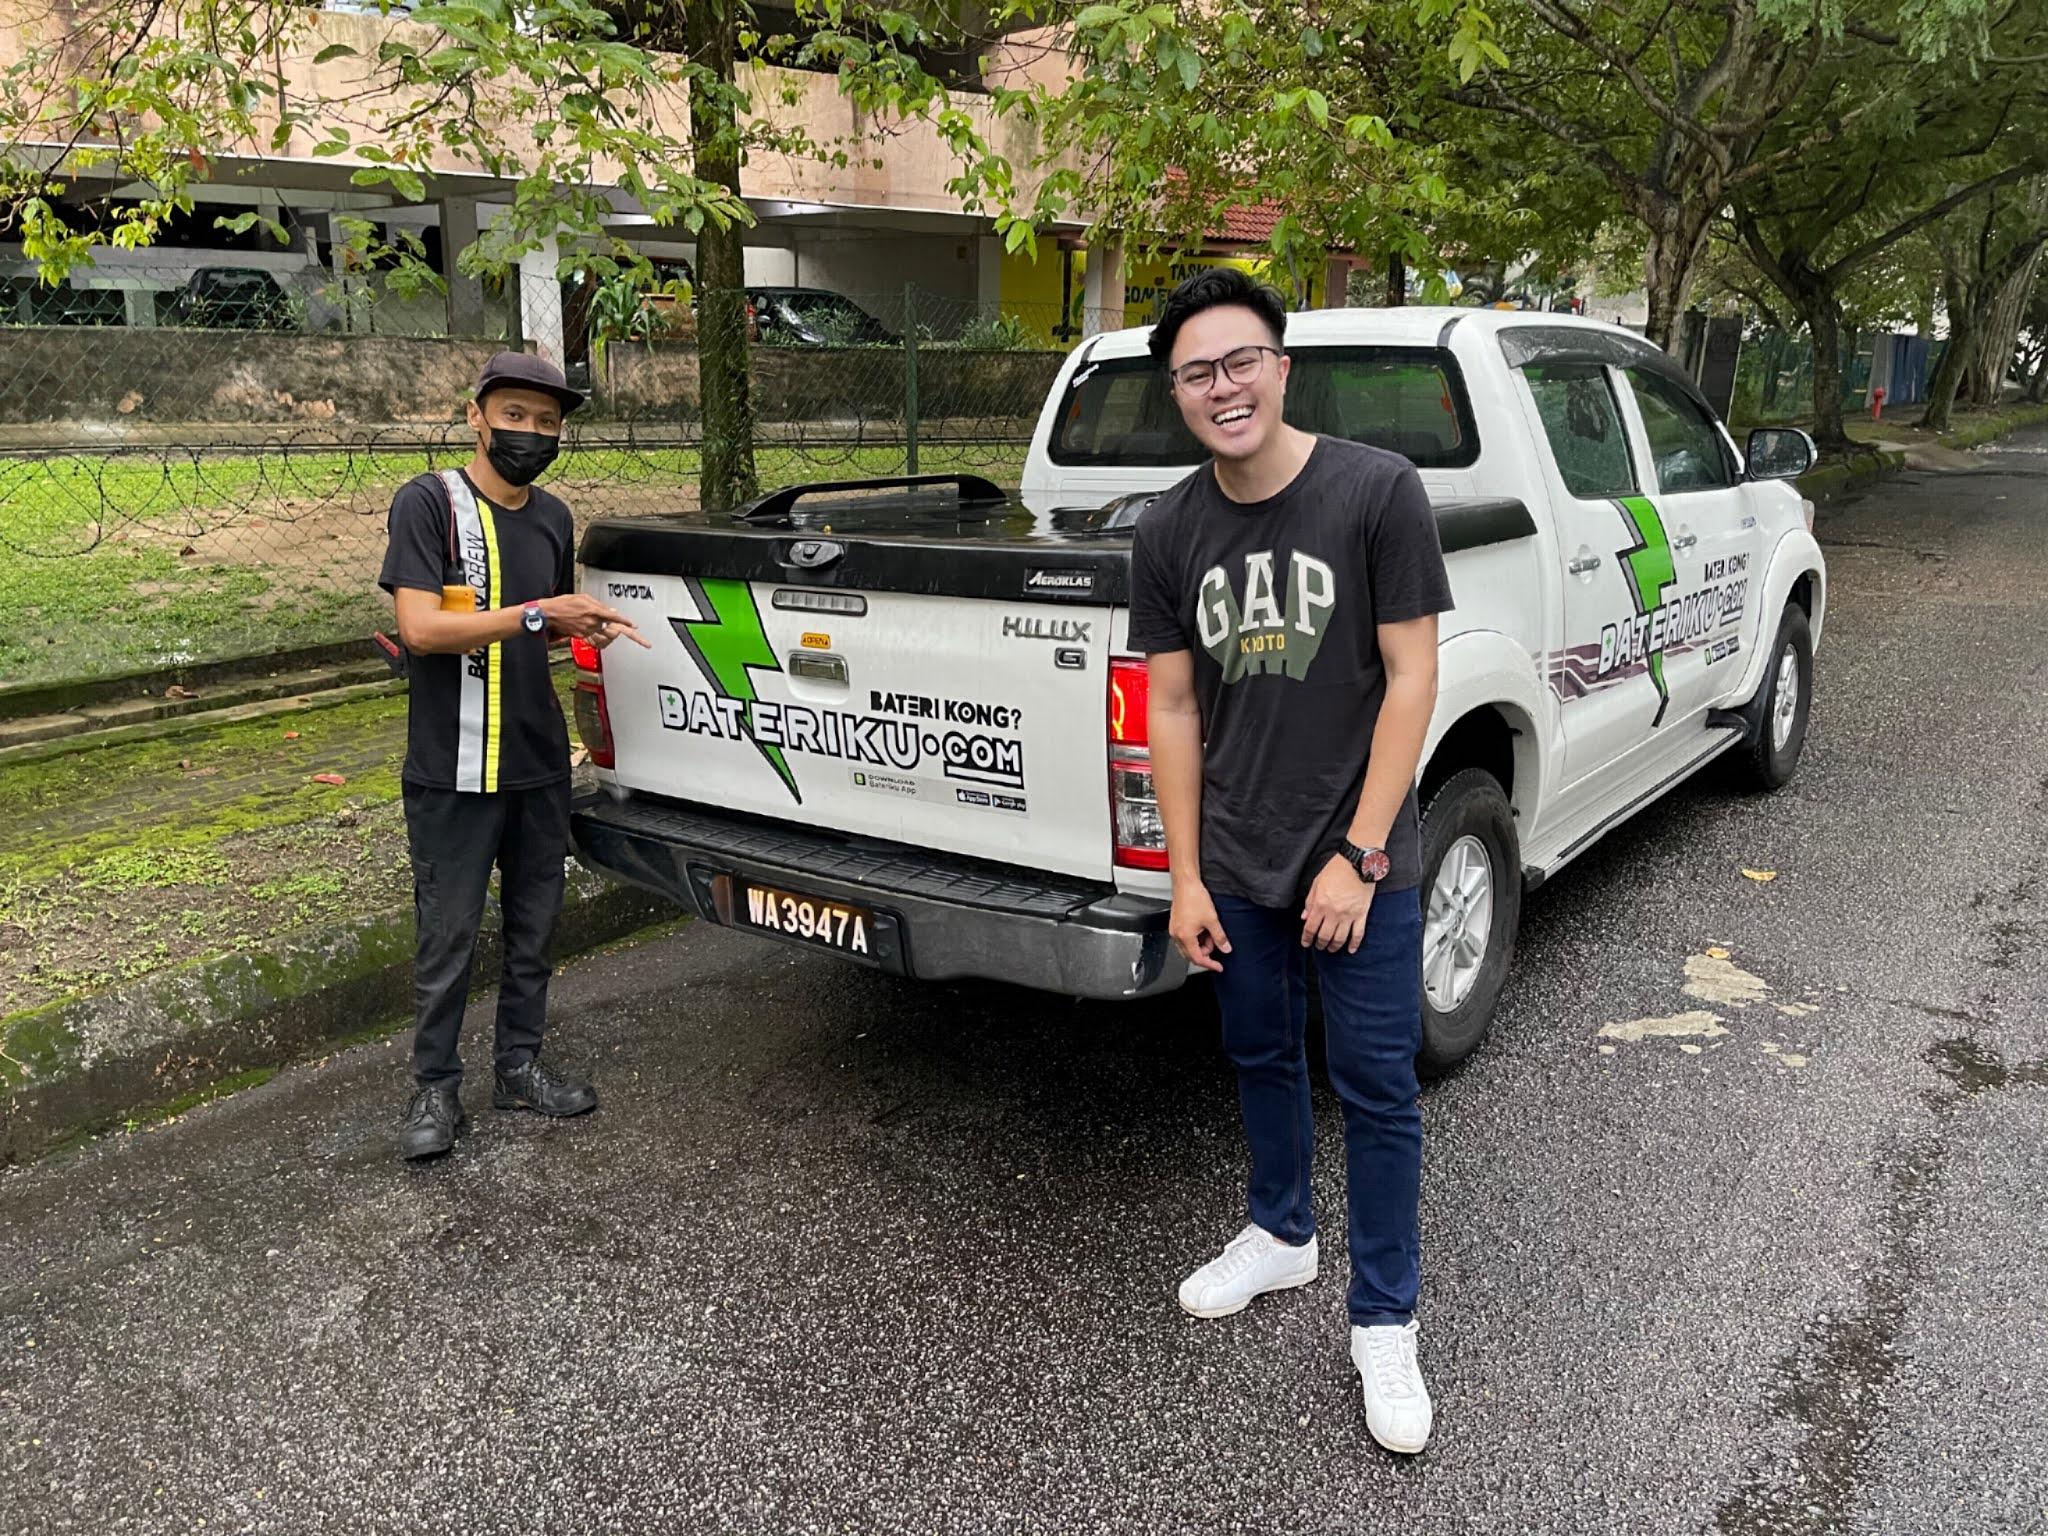 Pengalaman beli bateri kereta dengan Bateriku.com dan info mengenai program Bateriku Hero untuk jana pendapatan tambahan